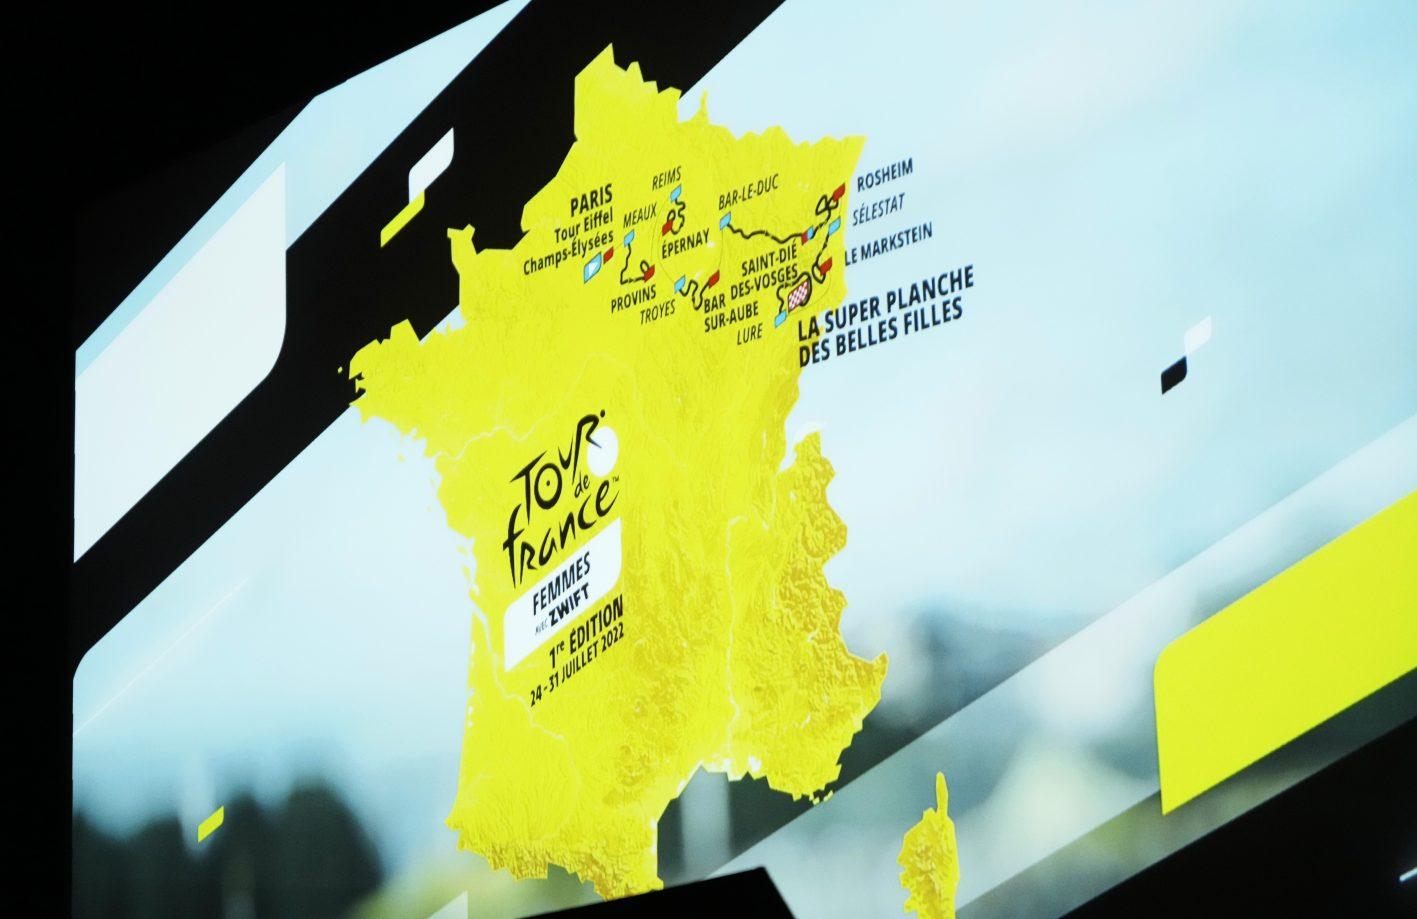 Parcours Tour de France voor vrouwen